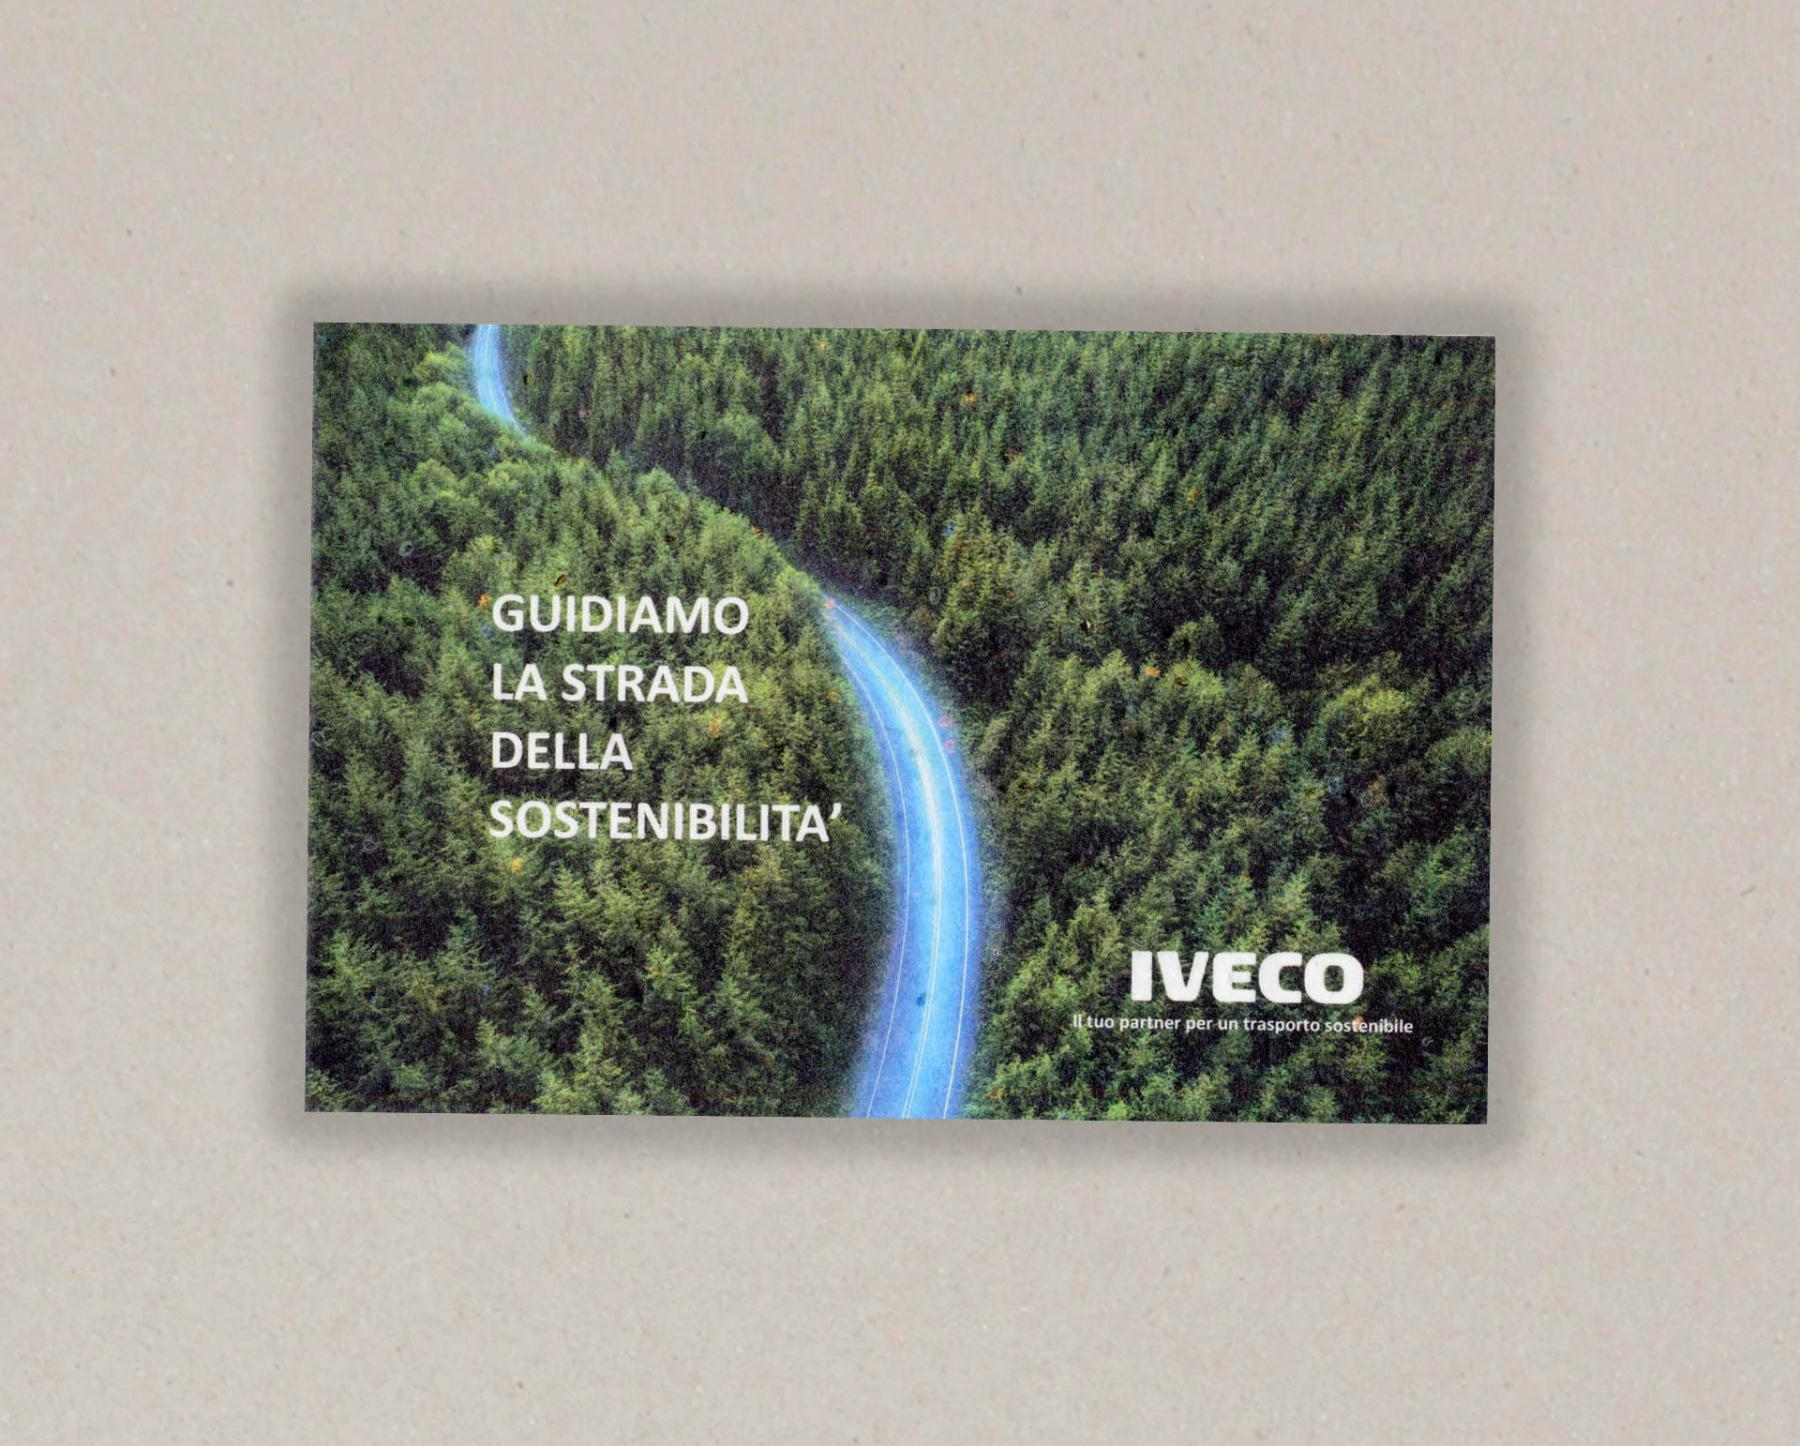 Papel con semillas para IVECO - cara A